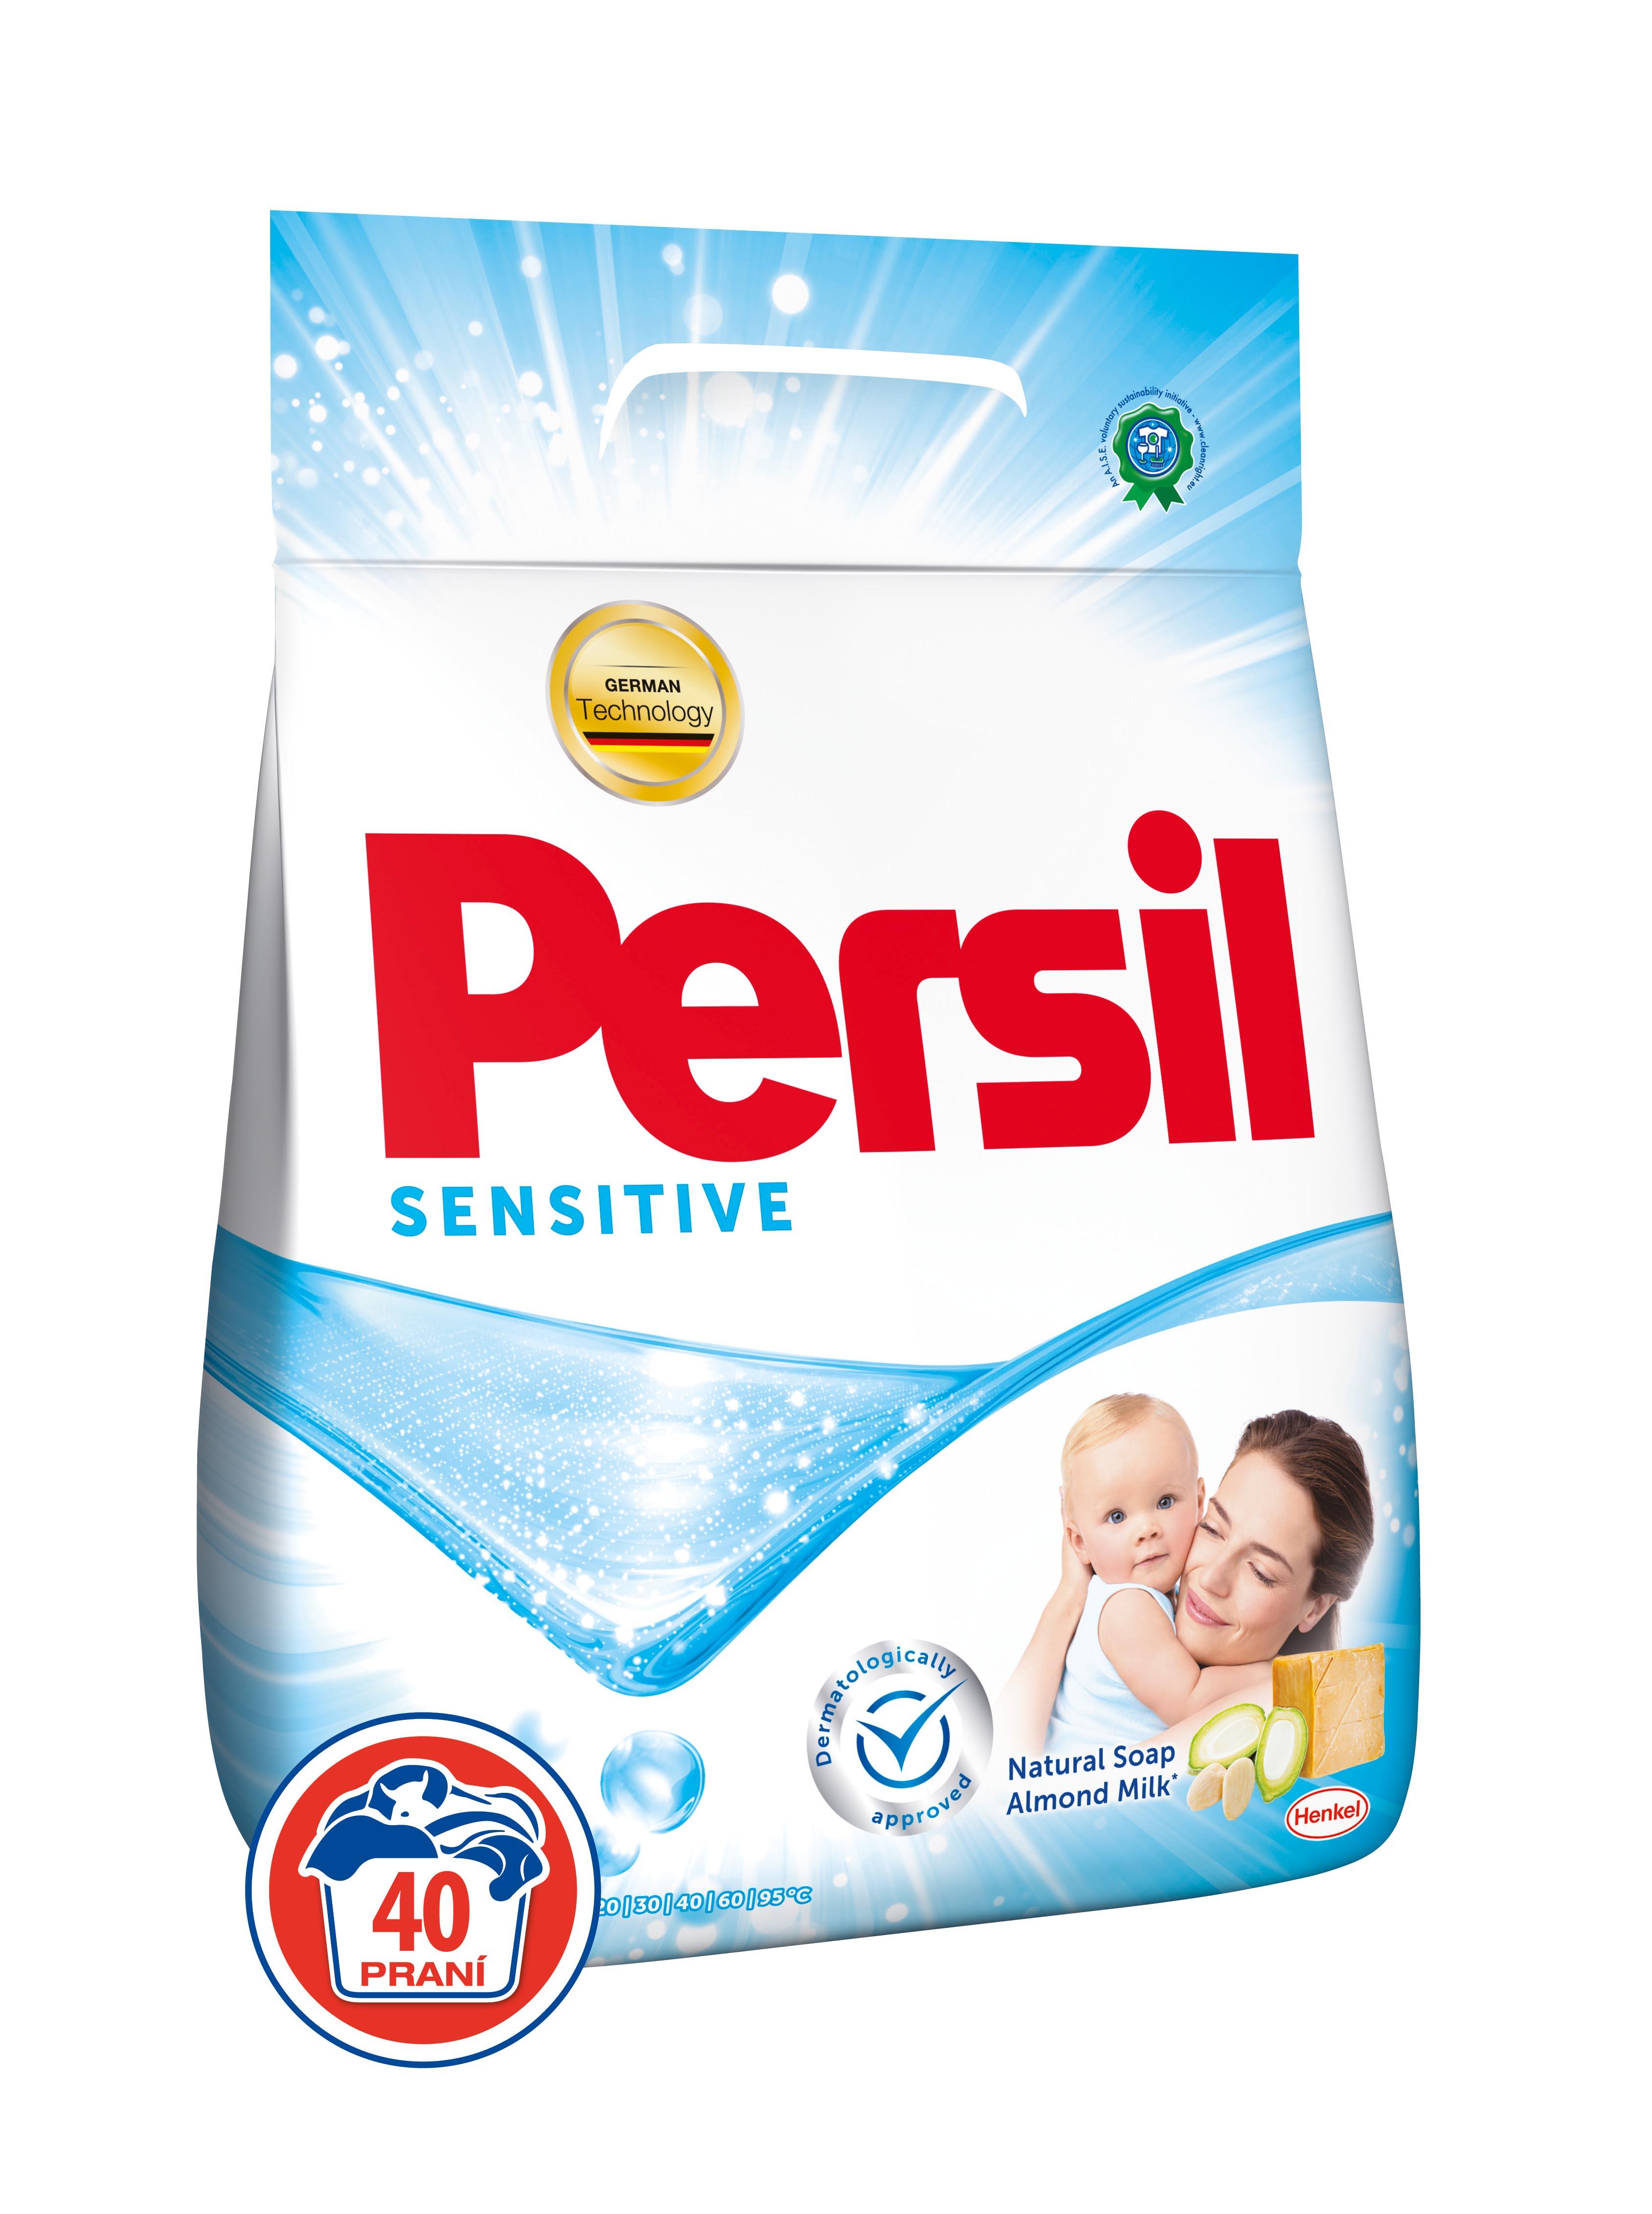 Persil Sensitive prací prášek, 40 praní 2,8 kg